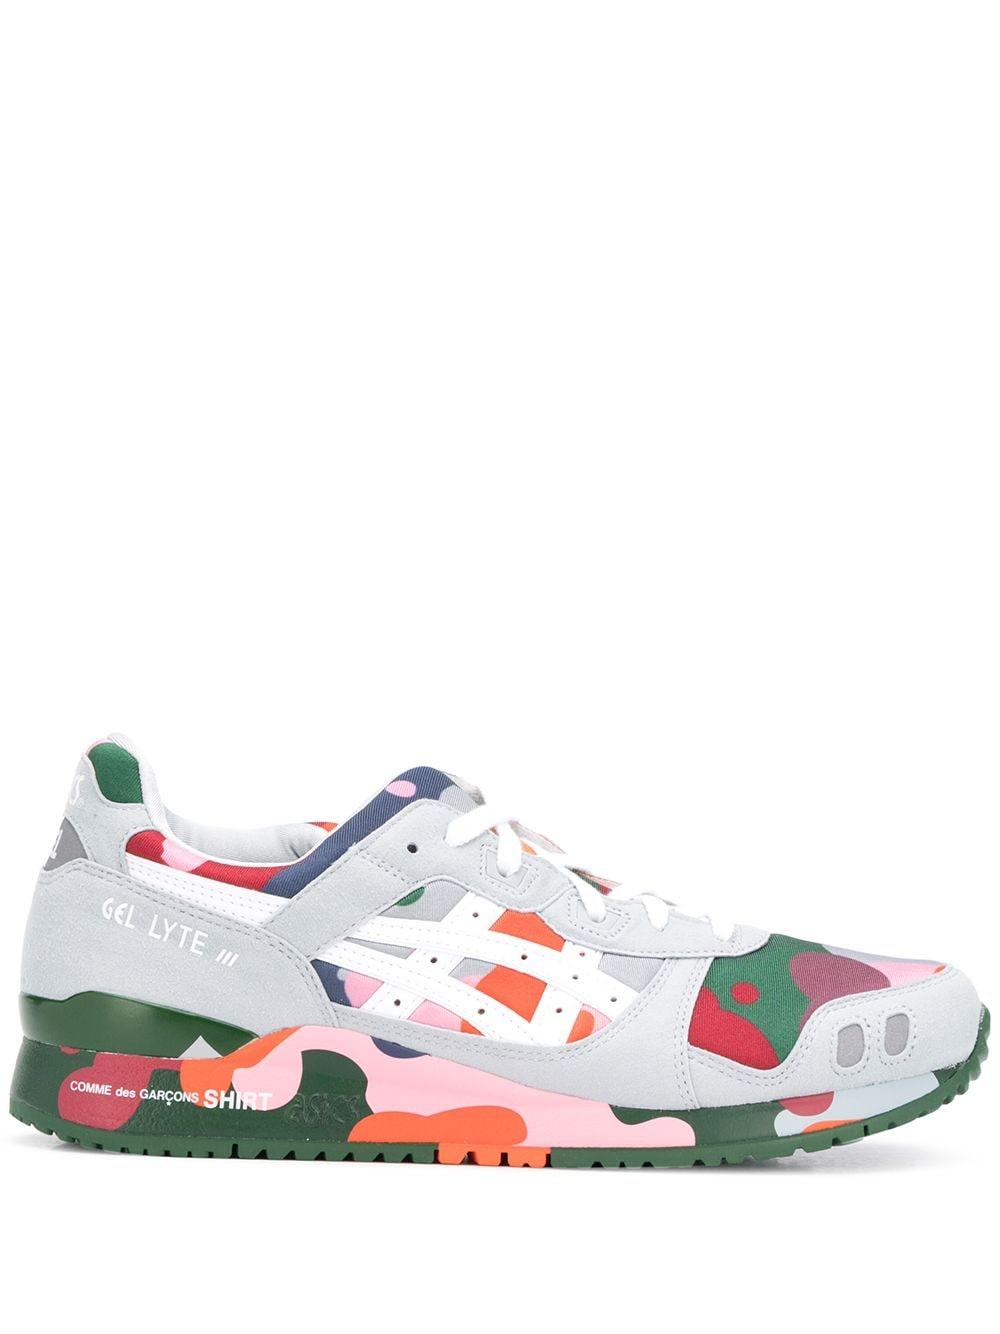 Gel Lyte 3 Sneakers